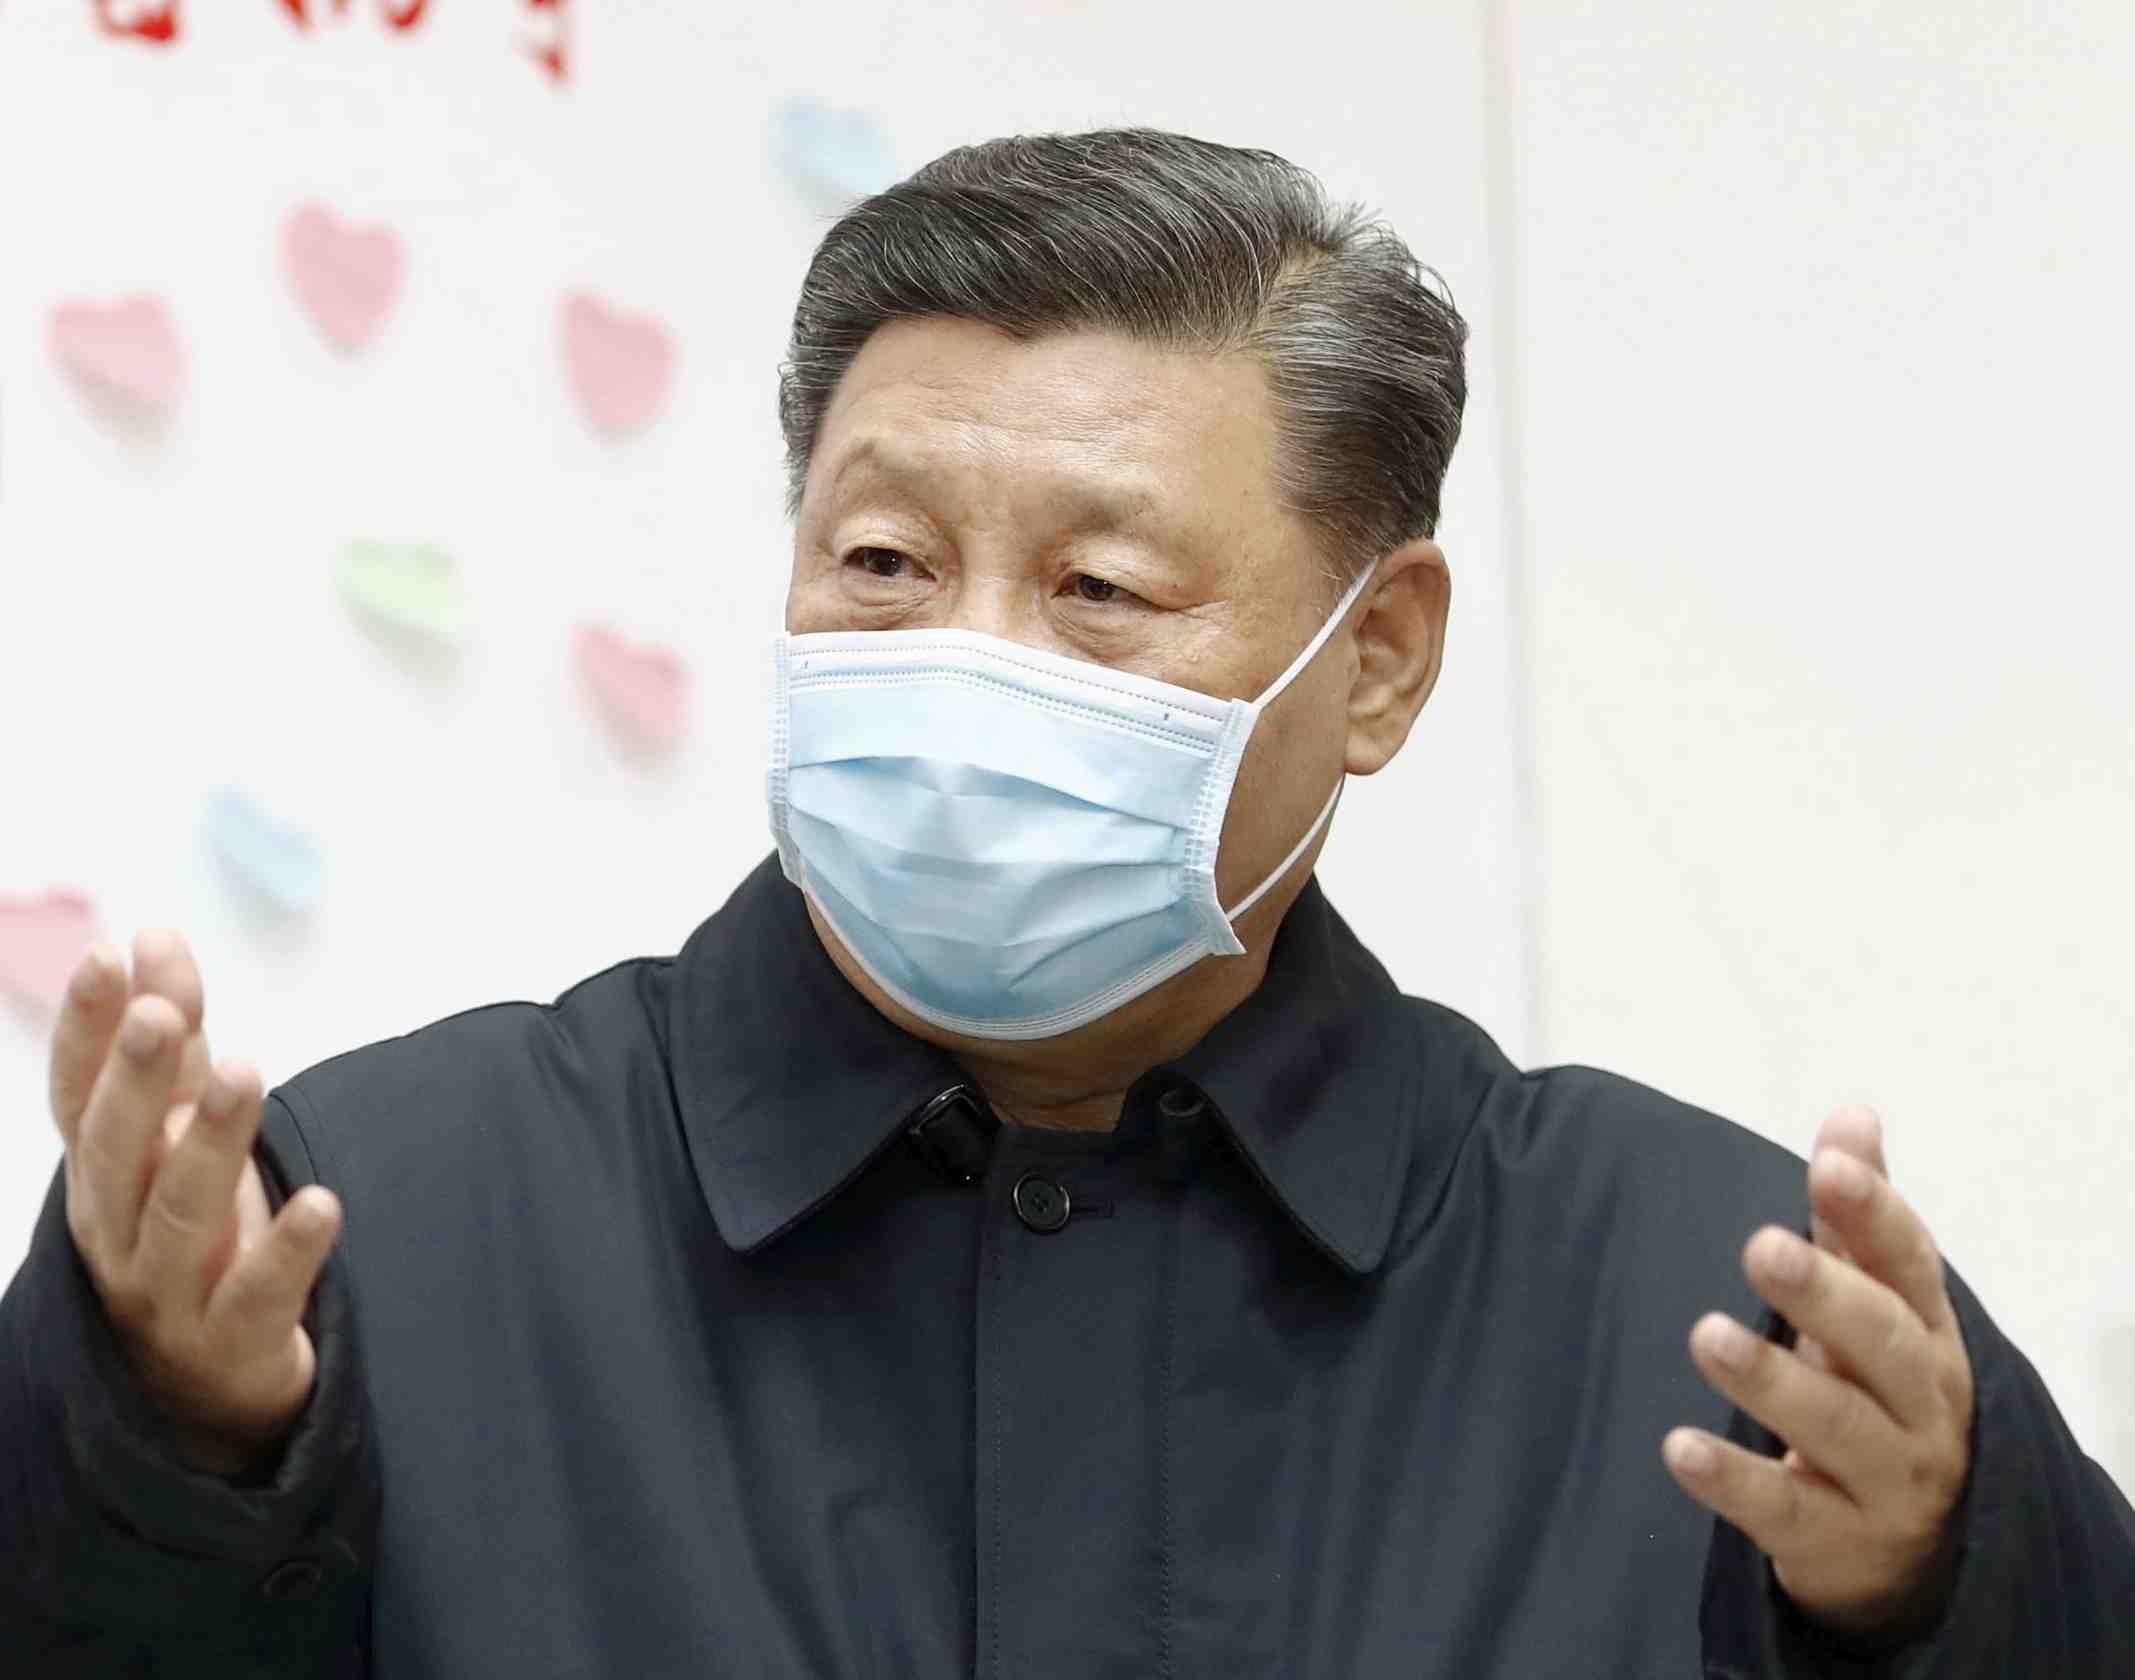 China Coronavirus and Xi Jinping Mask 006